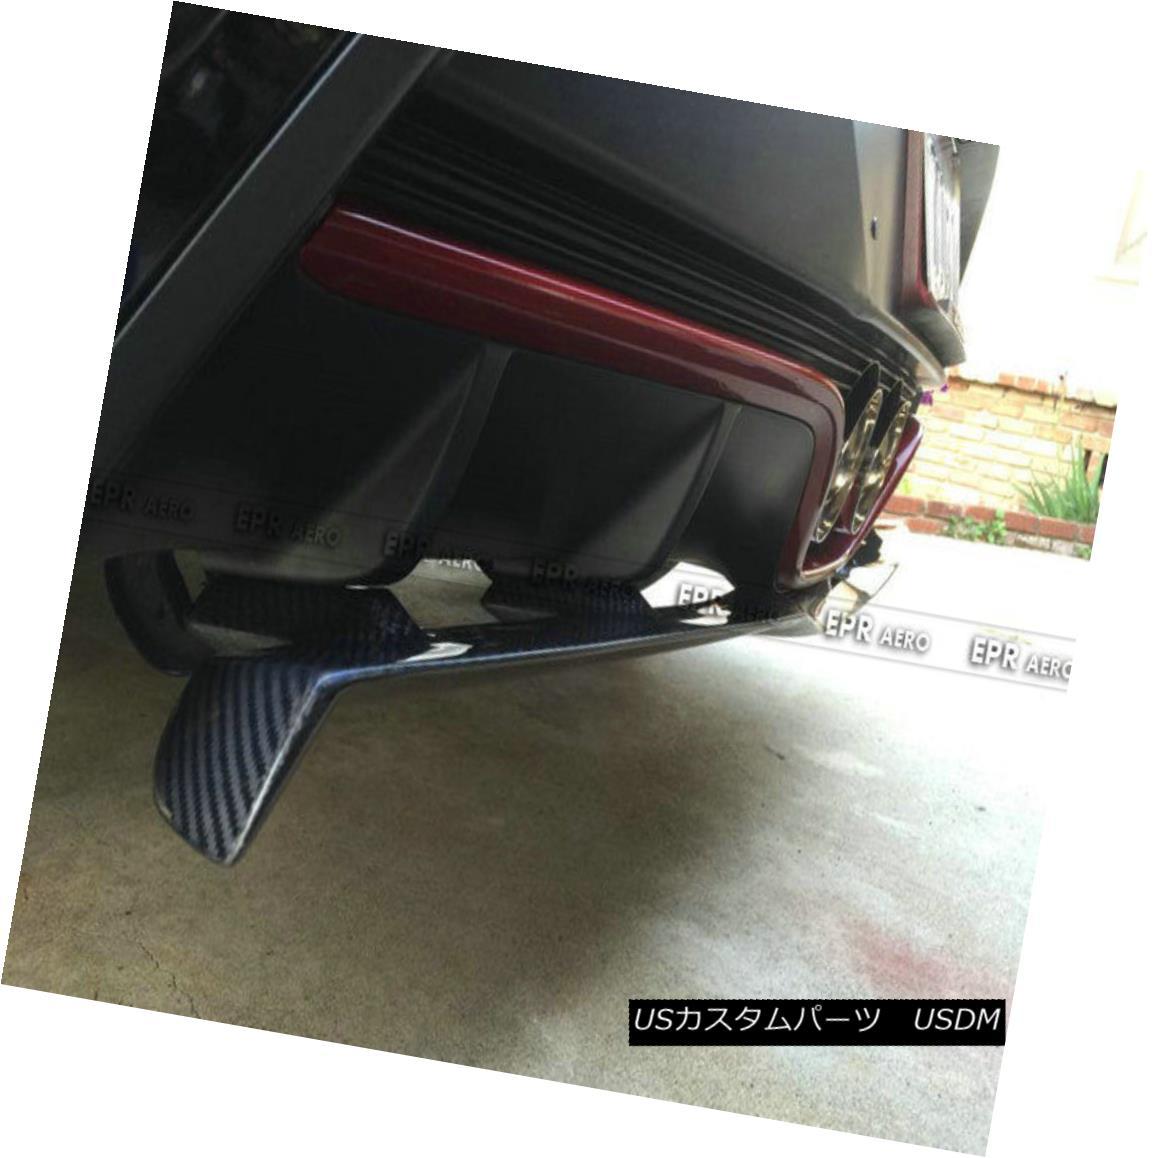 エアロパーツ Rear Bumper Lip Diffuser For Hyundai Veloster Turbo Carbon Fiber NFD Style 現代ベロスターターボカーボンファイバー用リアバンパーリップディフューザーNFDスタイル